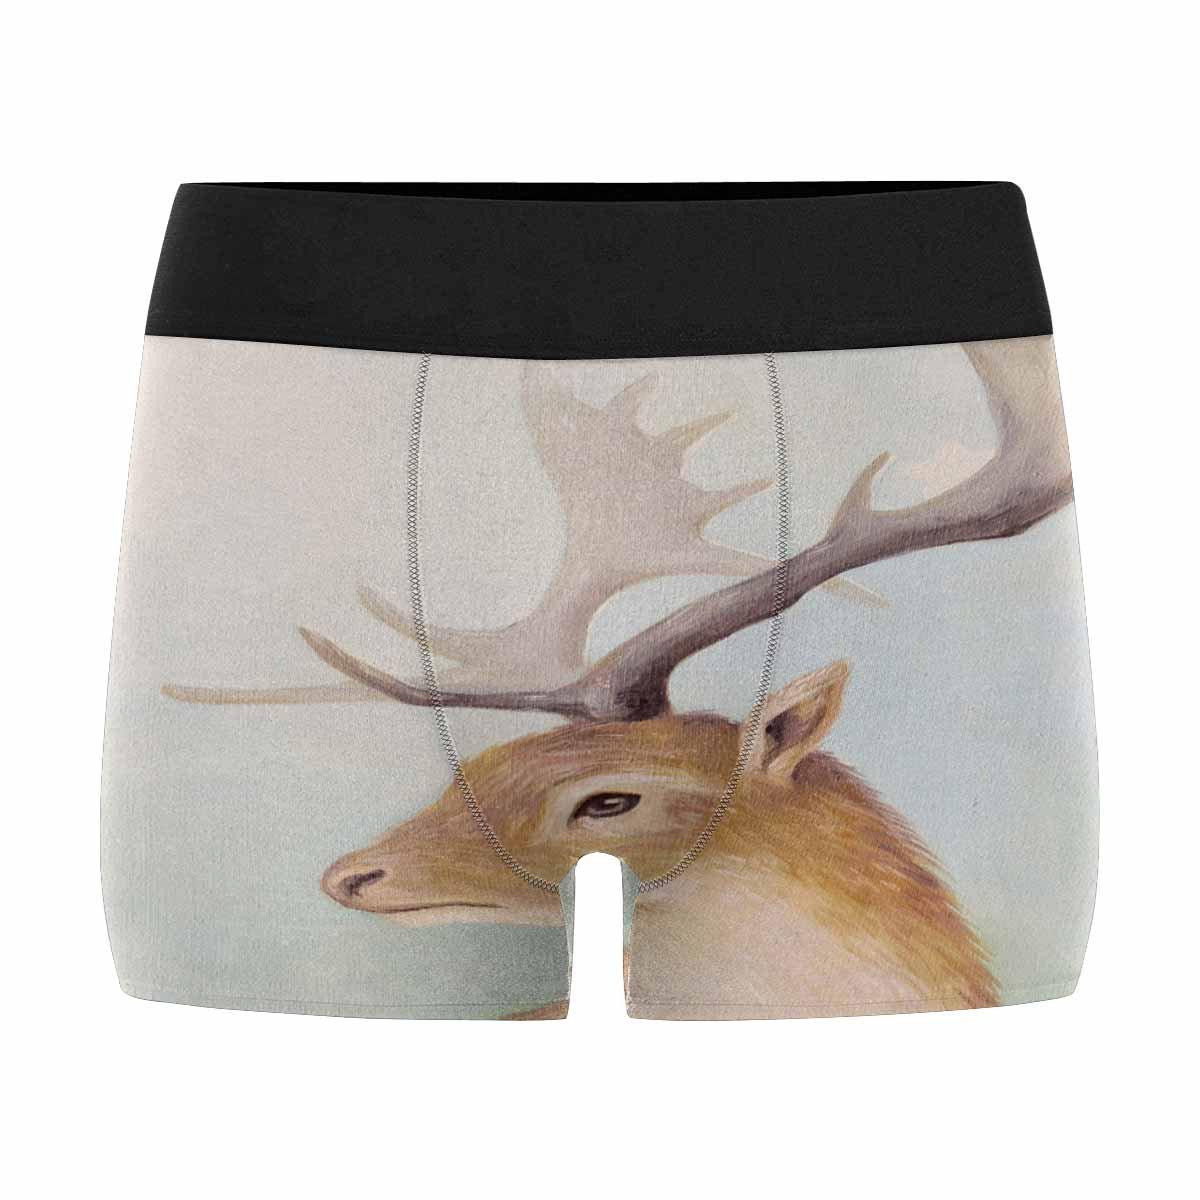 INTERESTPRINT Mens Boxer Briefs Underwear Deer and Little White Star XS-3XL